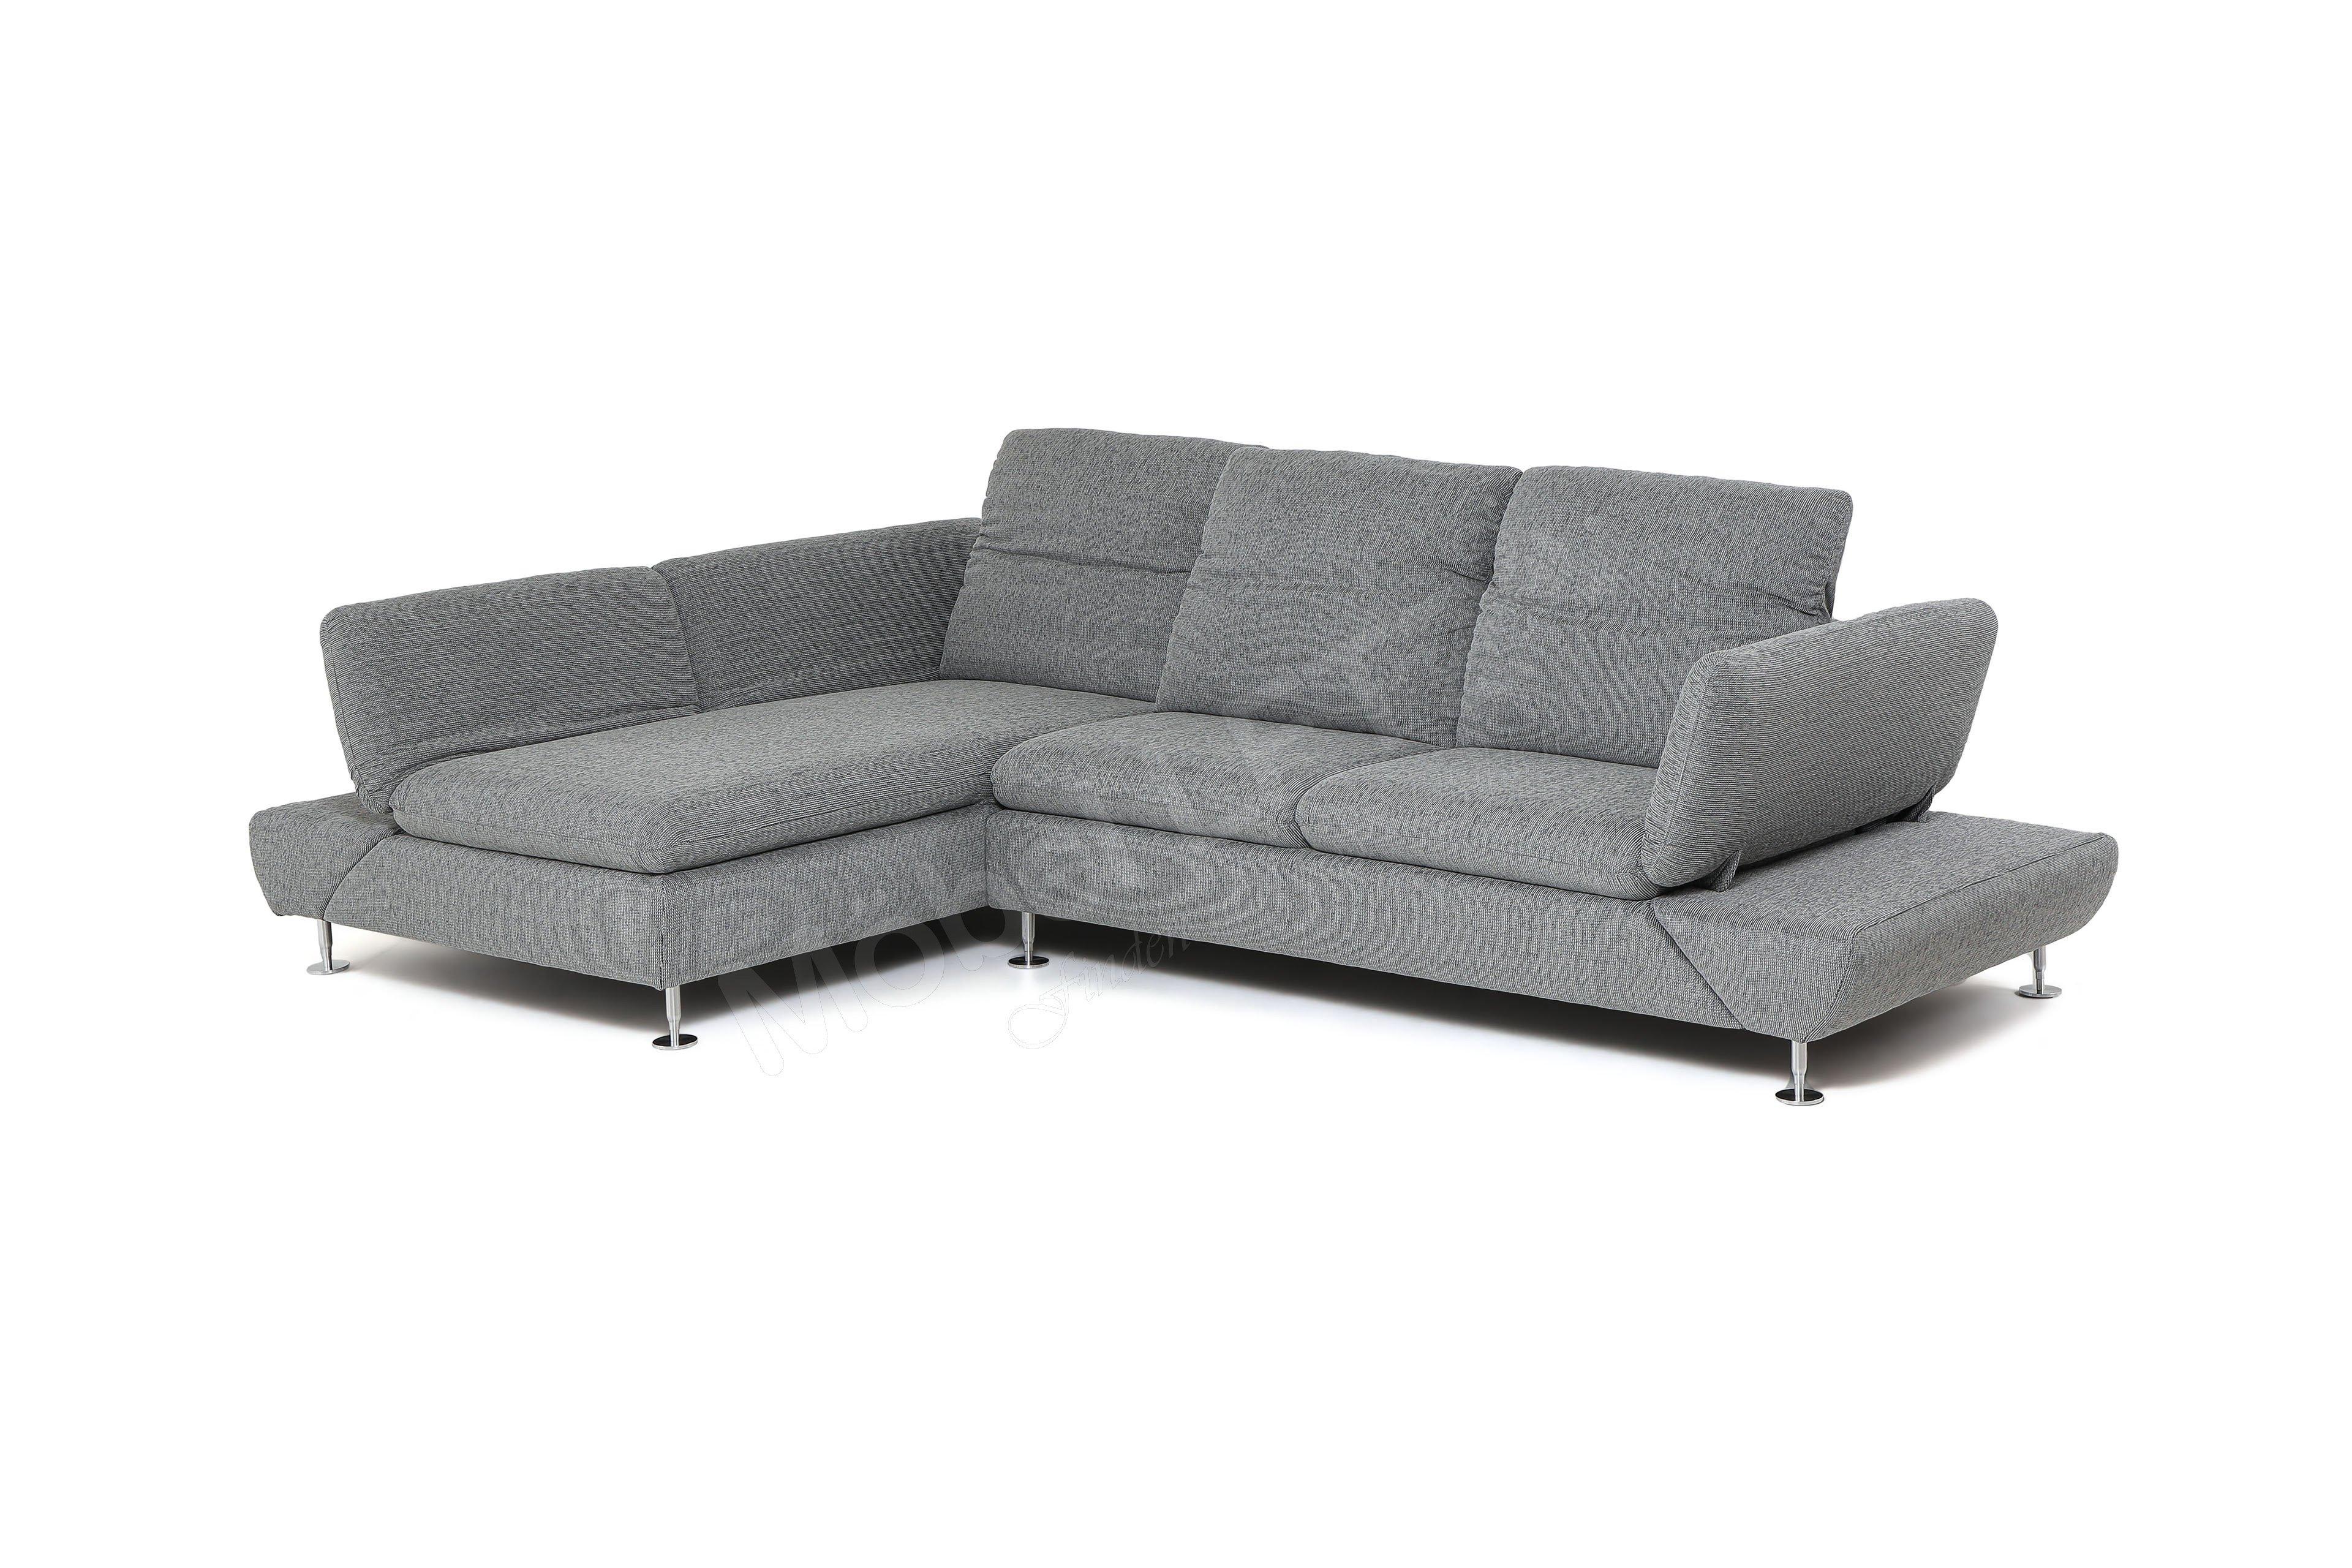 15278 taoo in silbergrau von willi schillig m bel letz. Black Bedroom Furniture Sets. Home Design Ideas